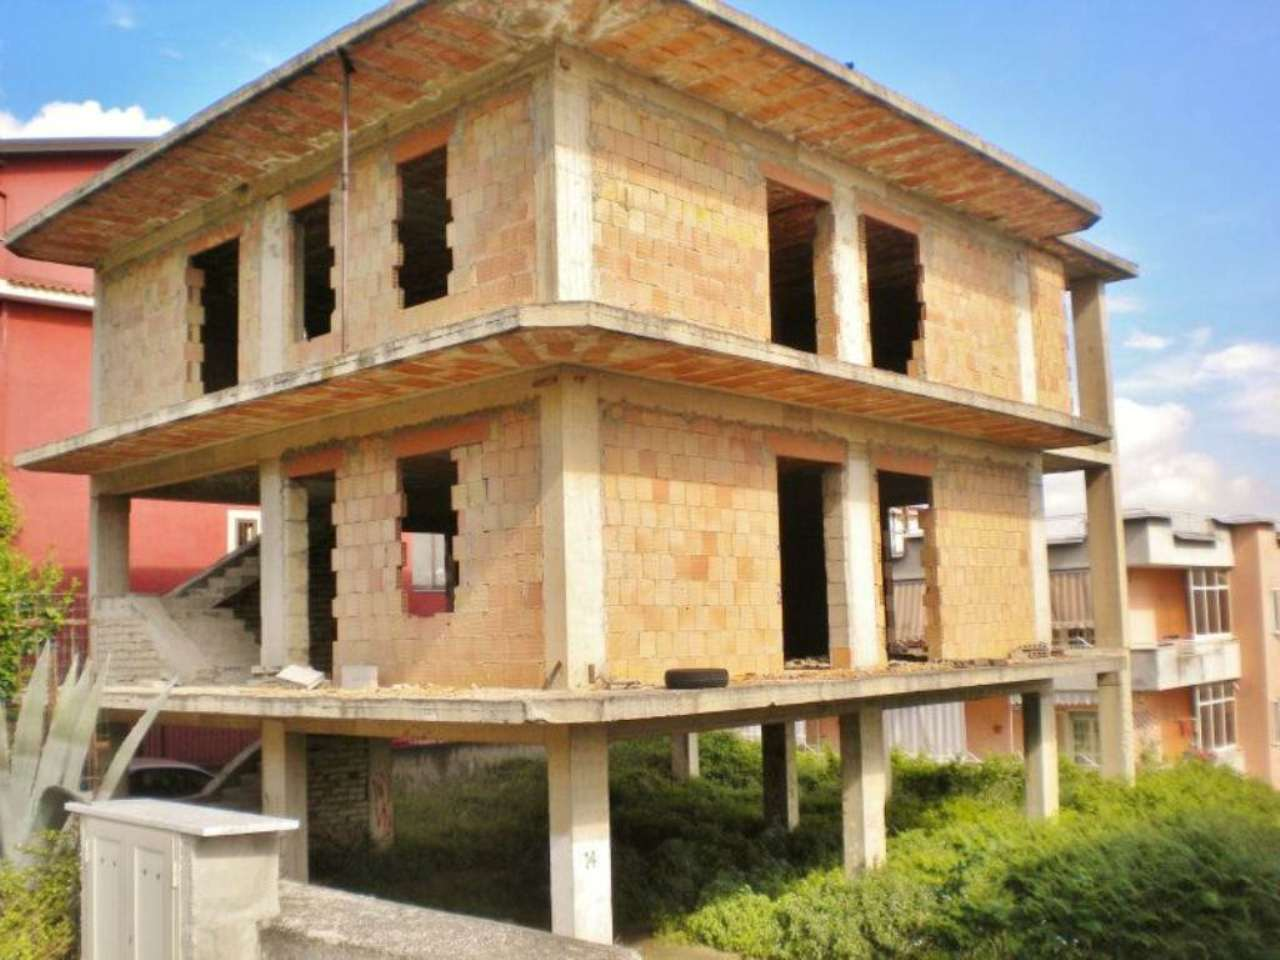 Immobile Commerciale in vendita a Quarto, 20 locali, Trattative riservate | Cambio Casa.it